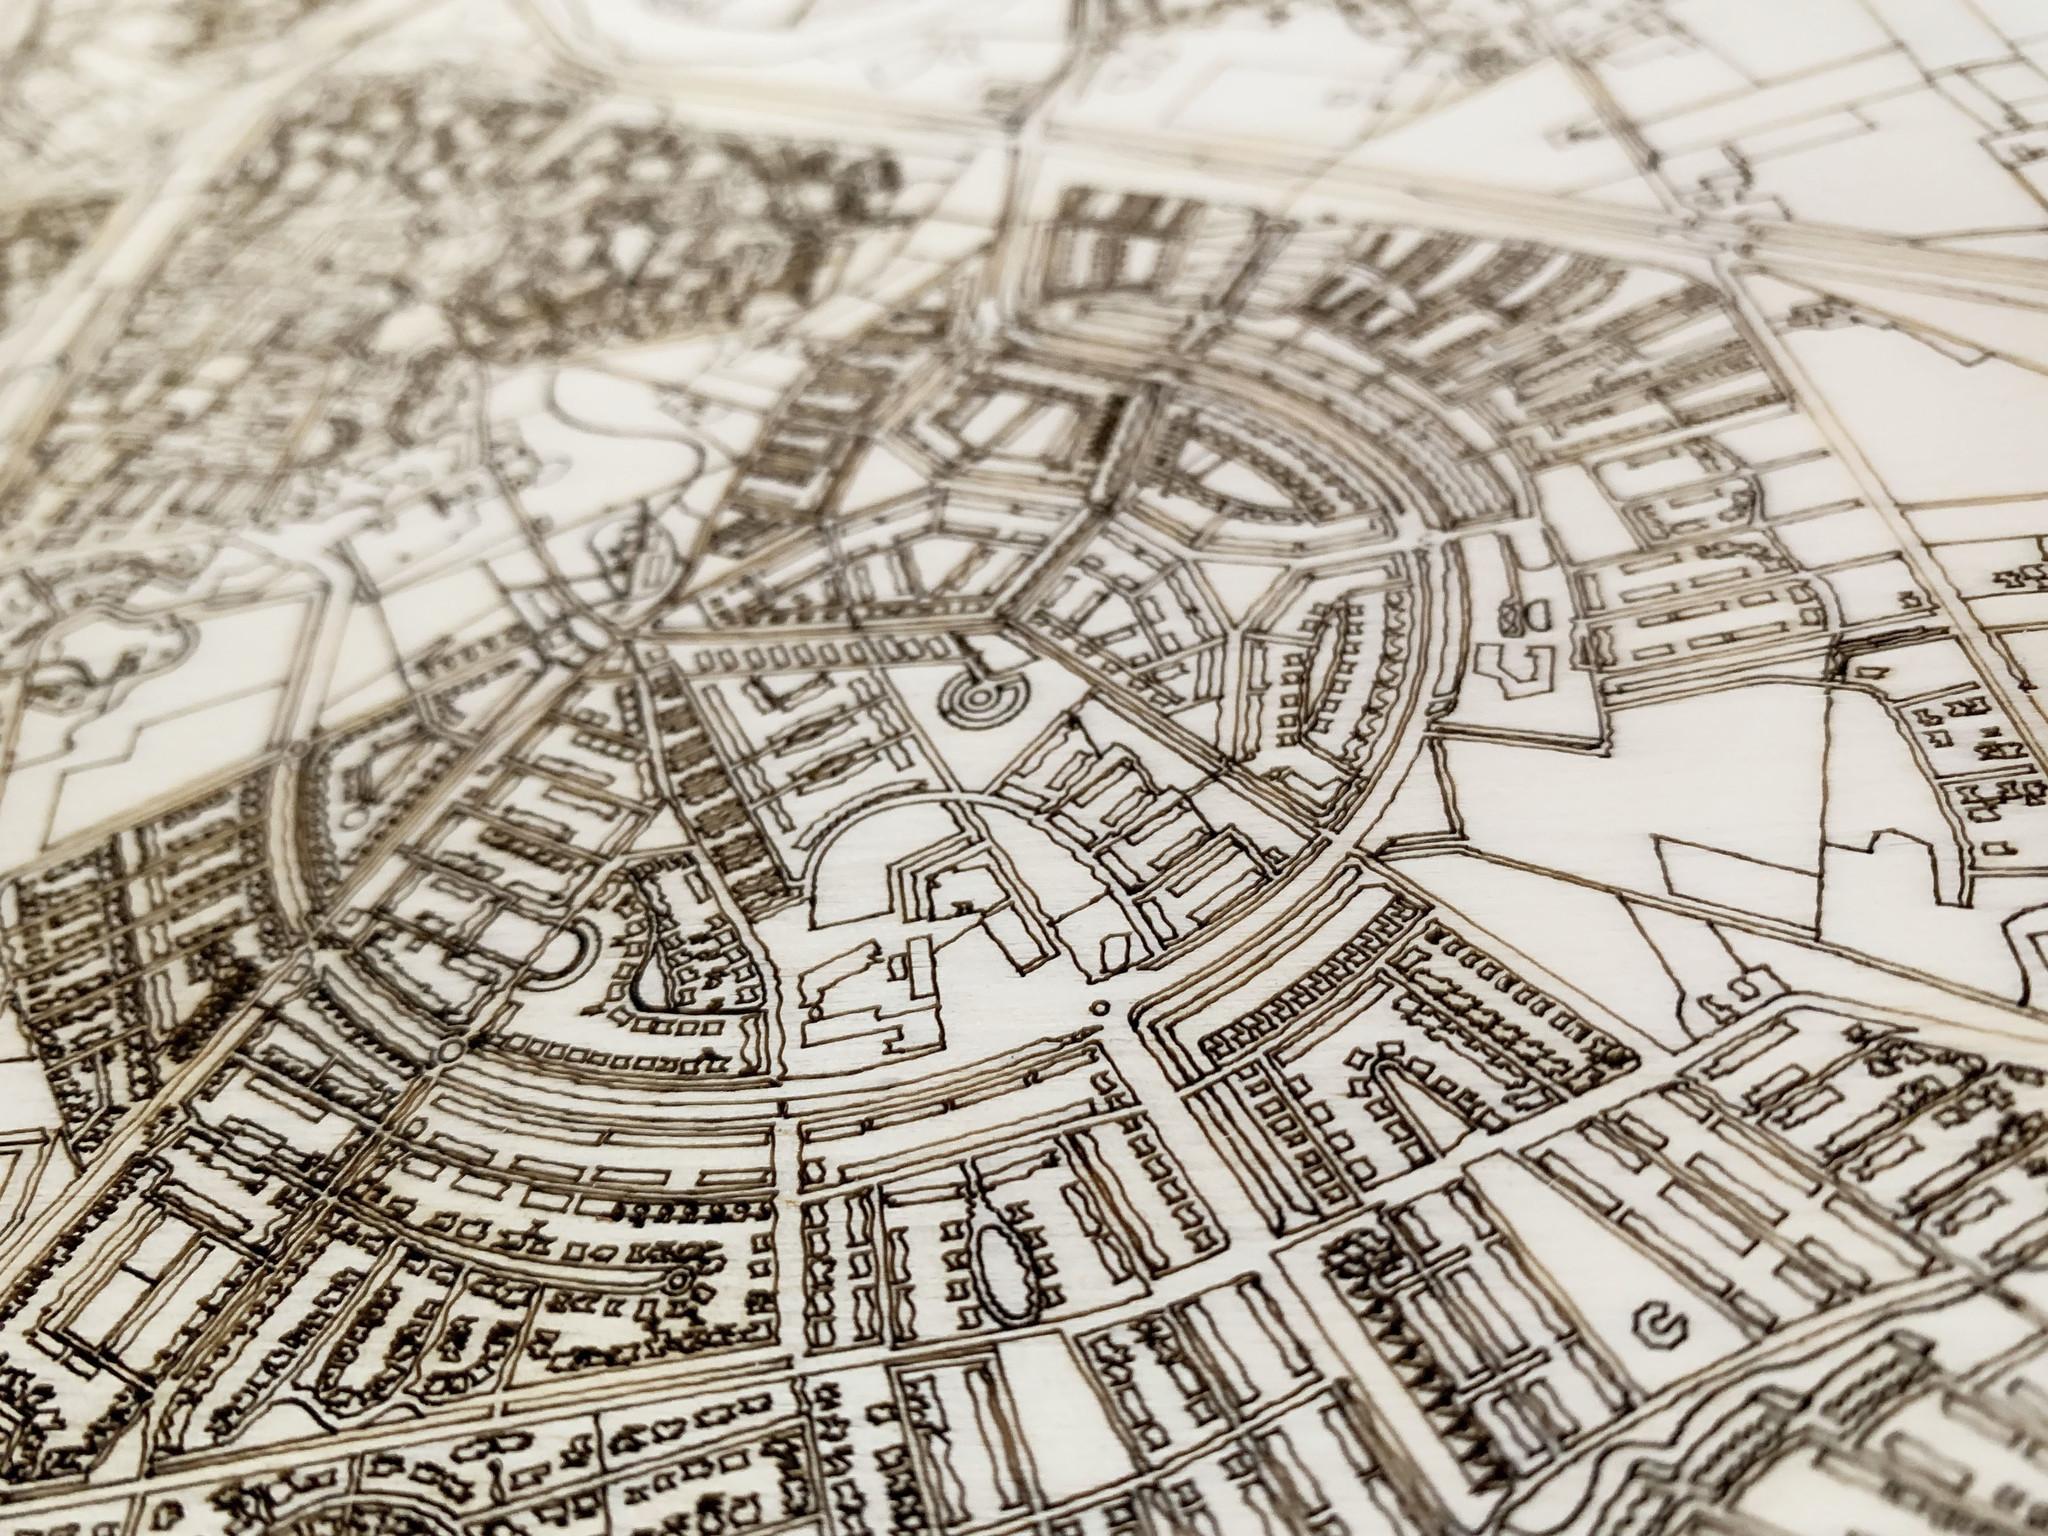 Houten stadsplattegrond Berlijn-4